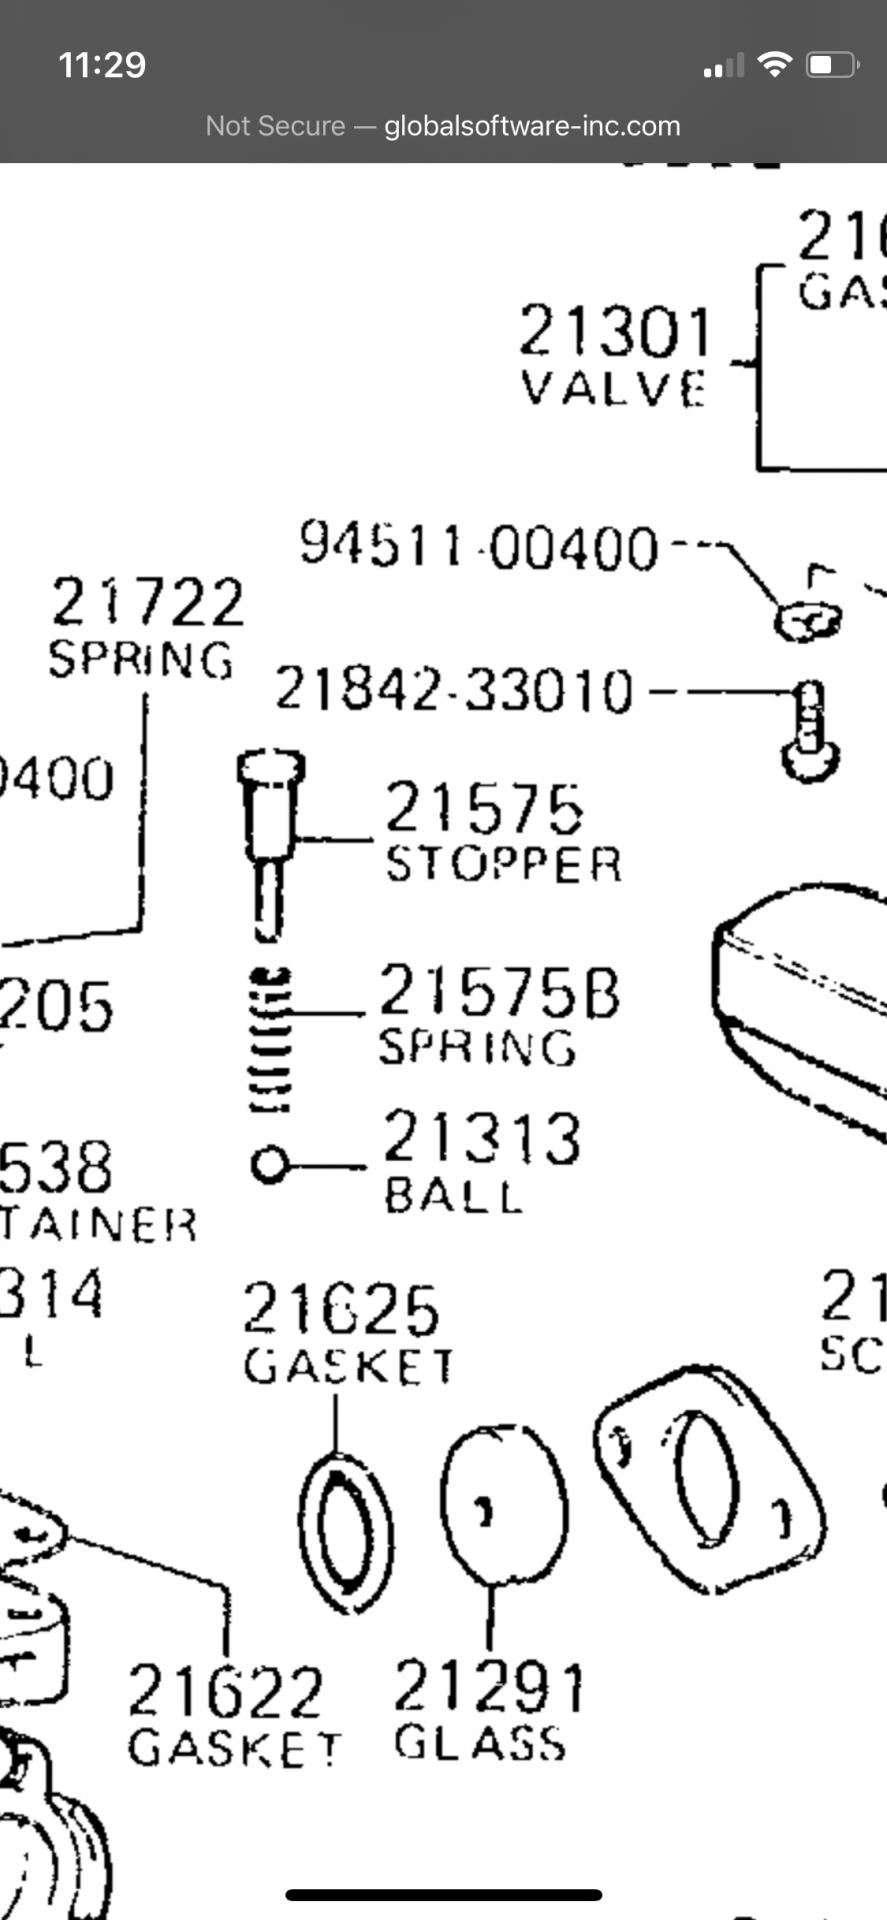 2BA7CB75-F7BB-4B51-BCB8-98B343815E9F.png